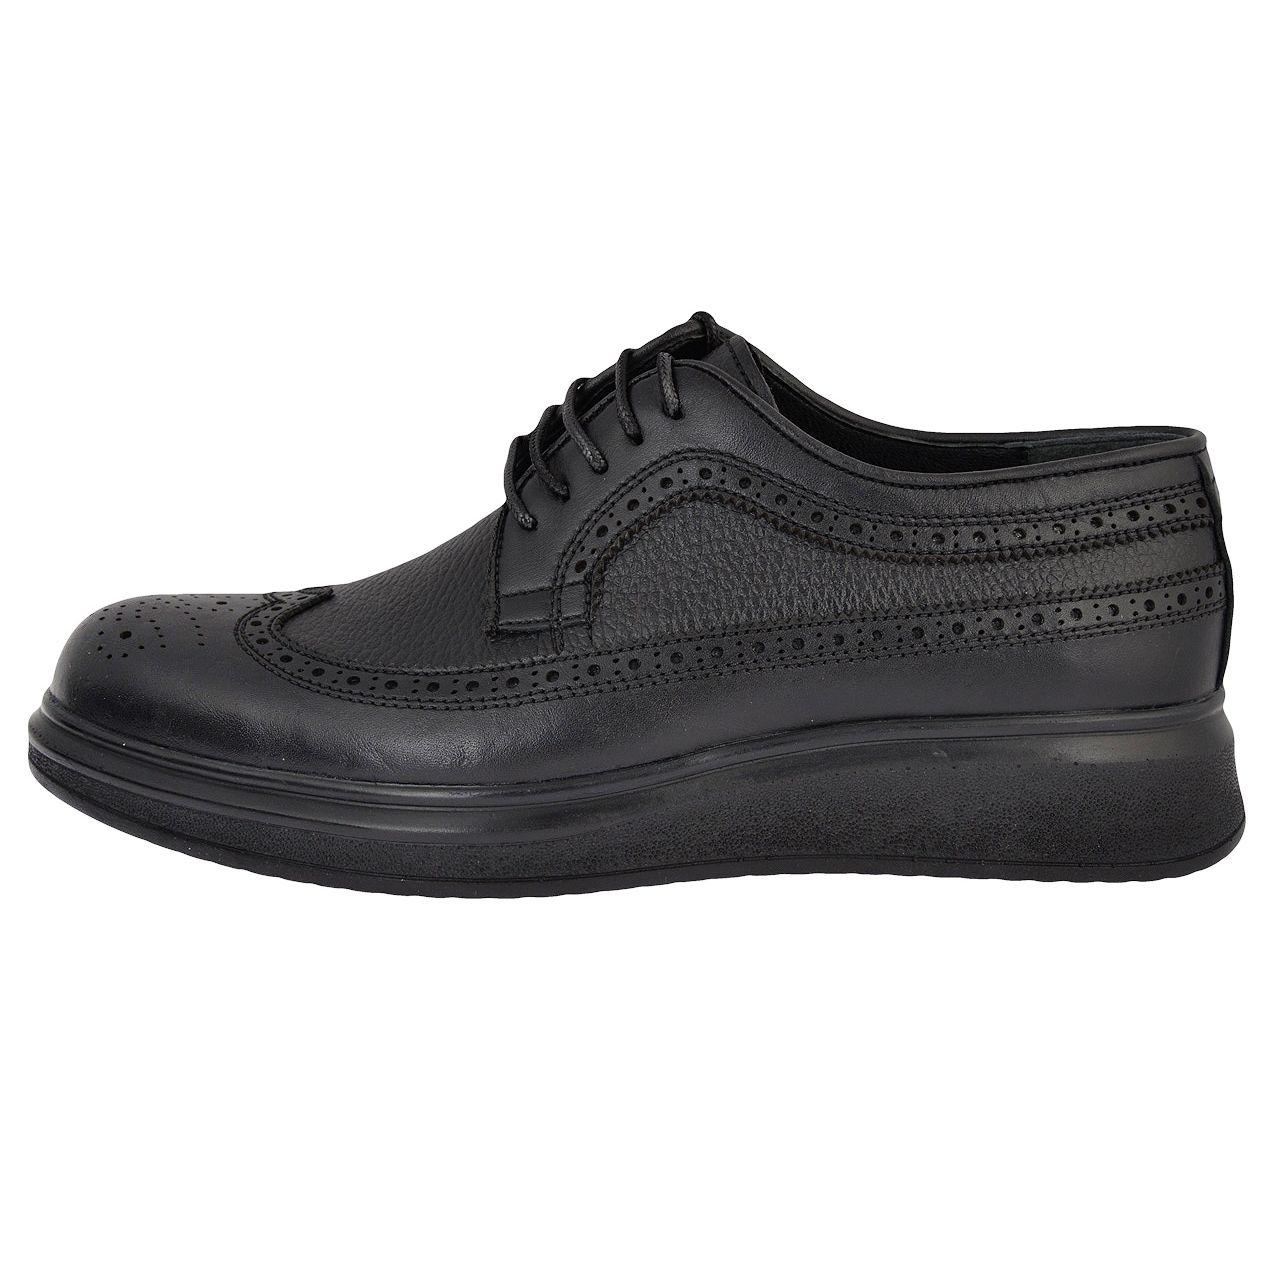 کفش روزمره مردانه کد 324006802 -  - 3